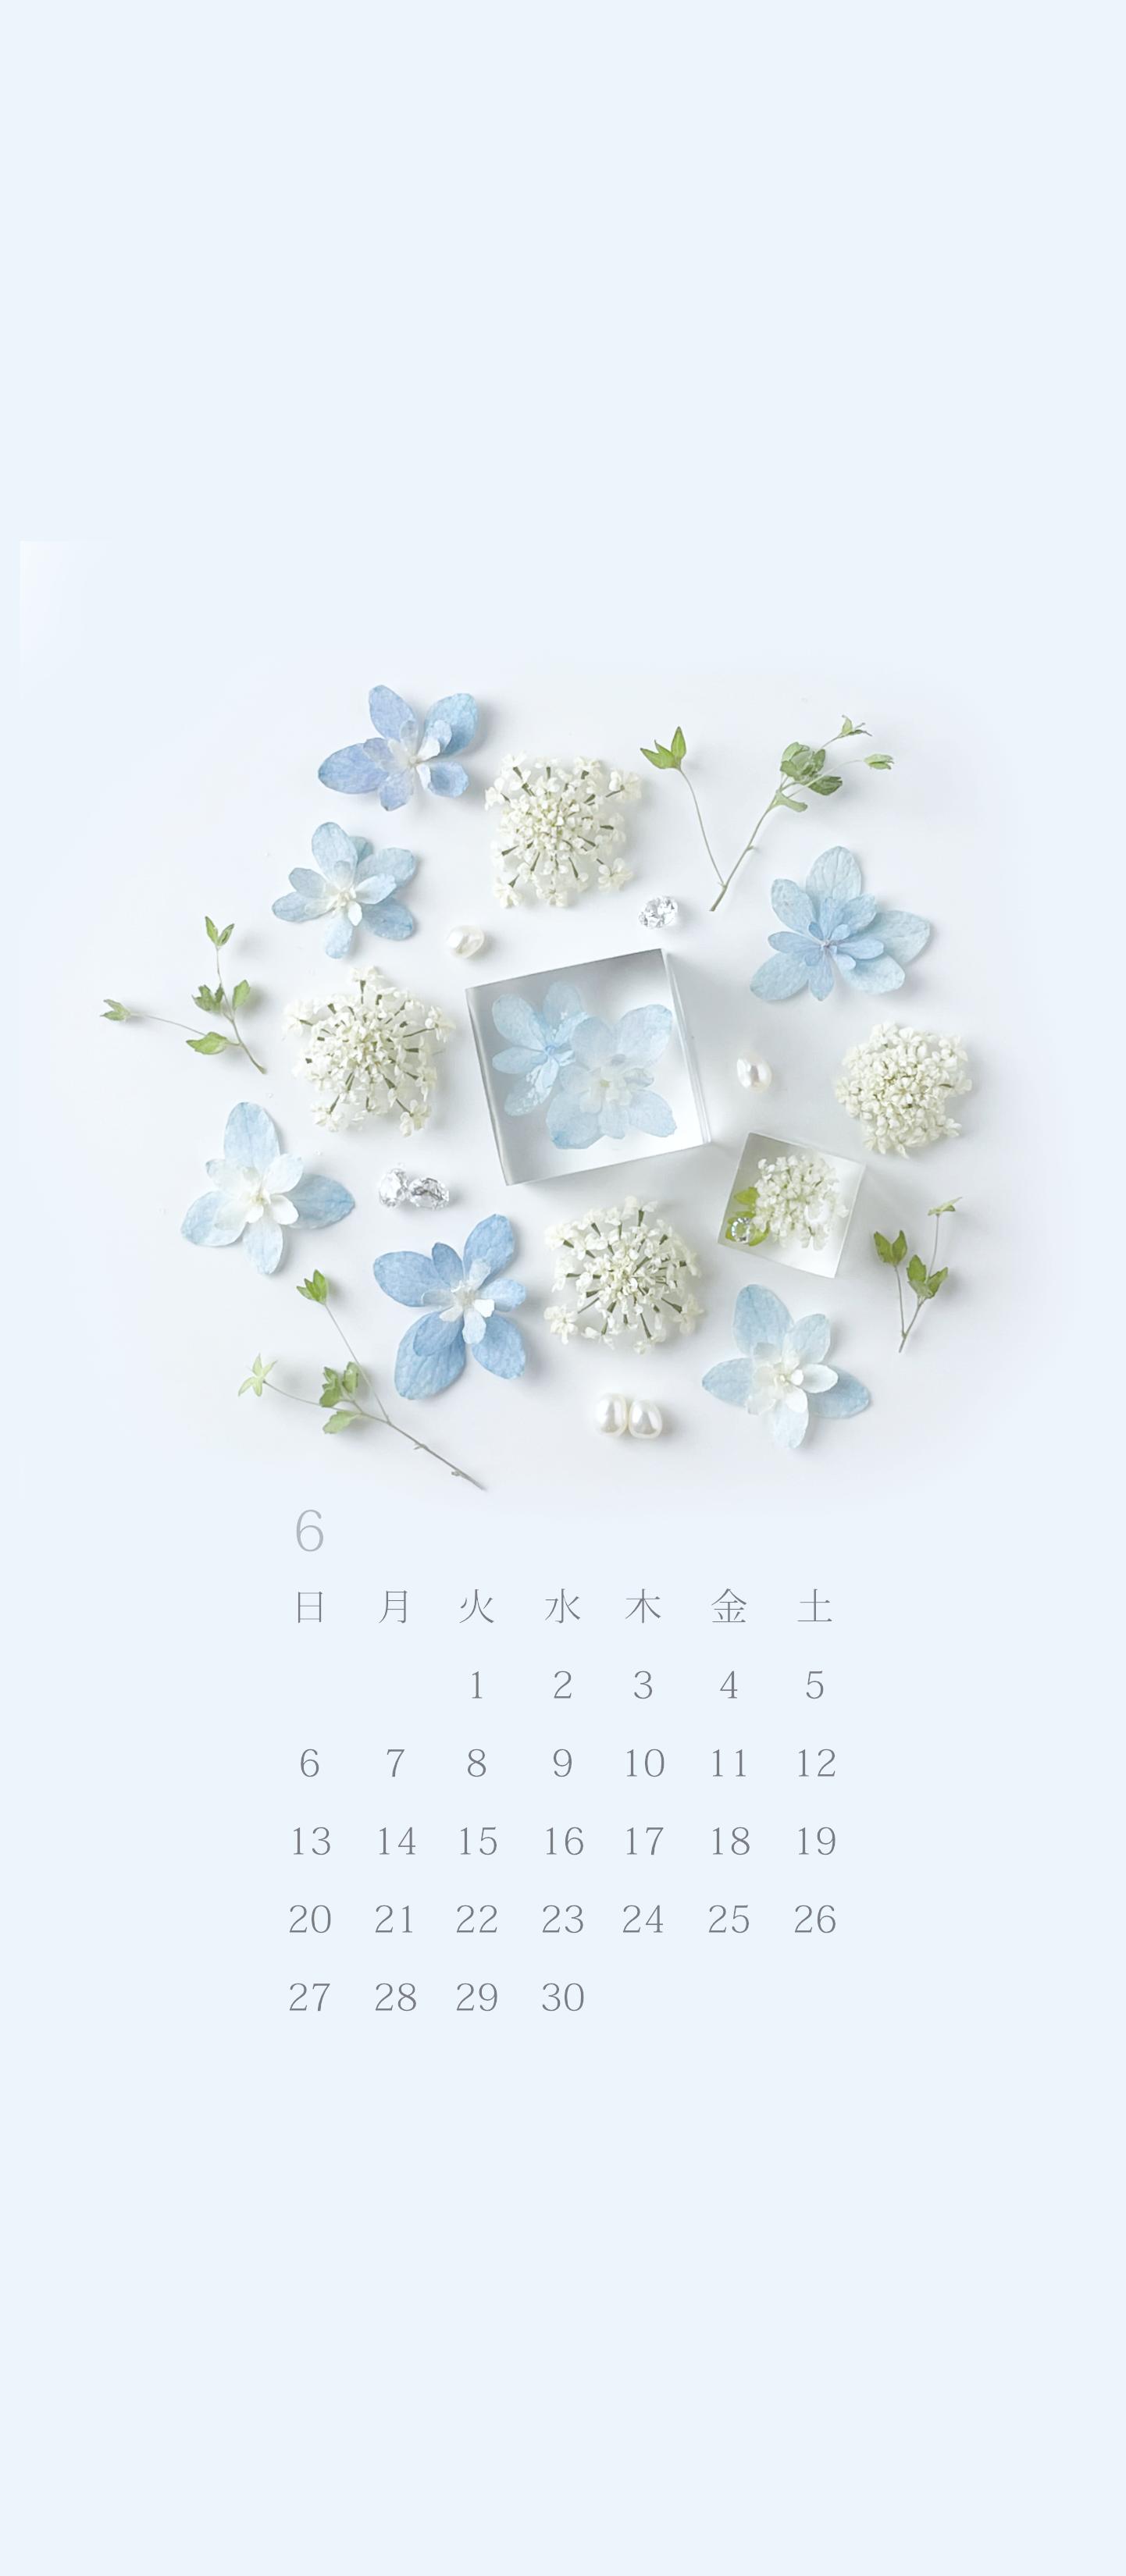 無料ロック画面カレンダー 「6月 紫陽花とレースフラワー」